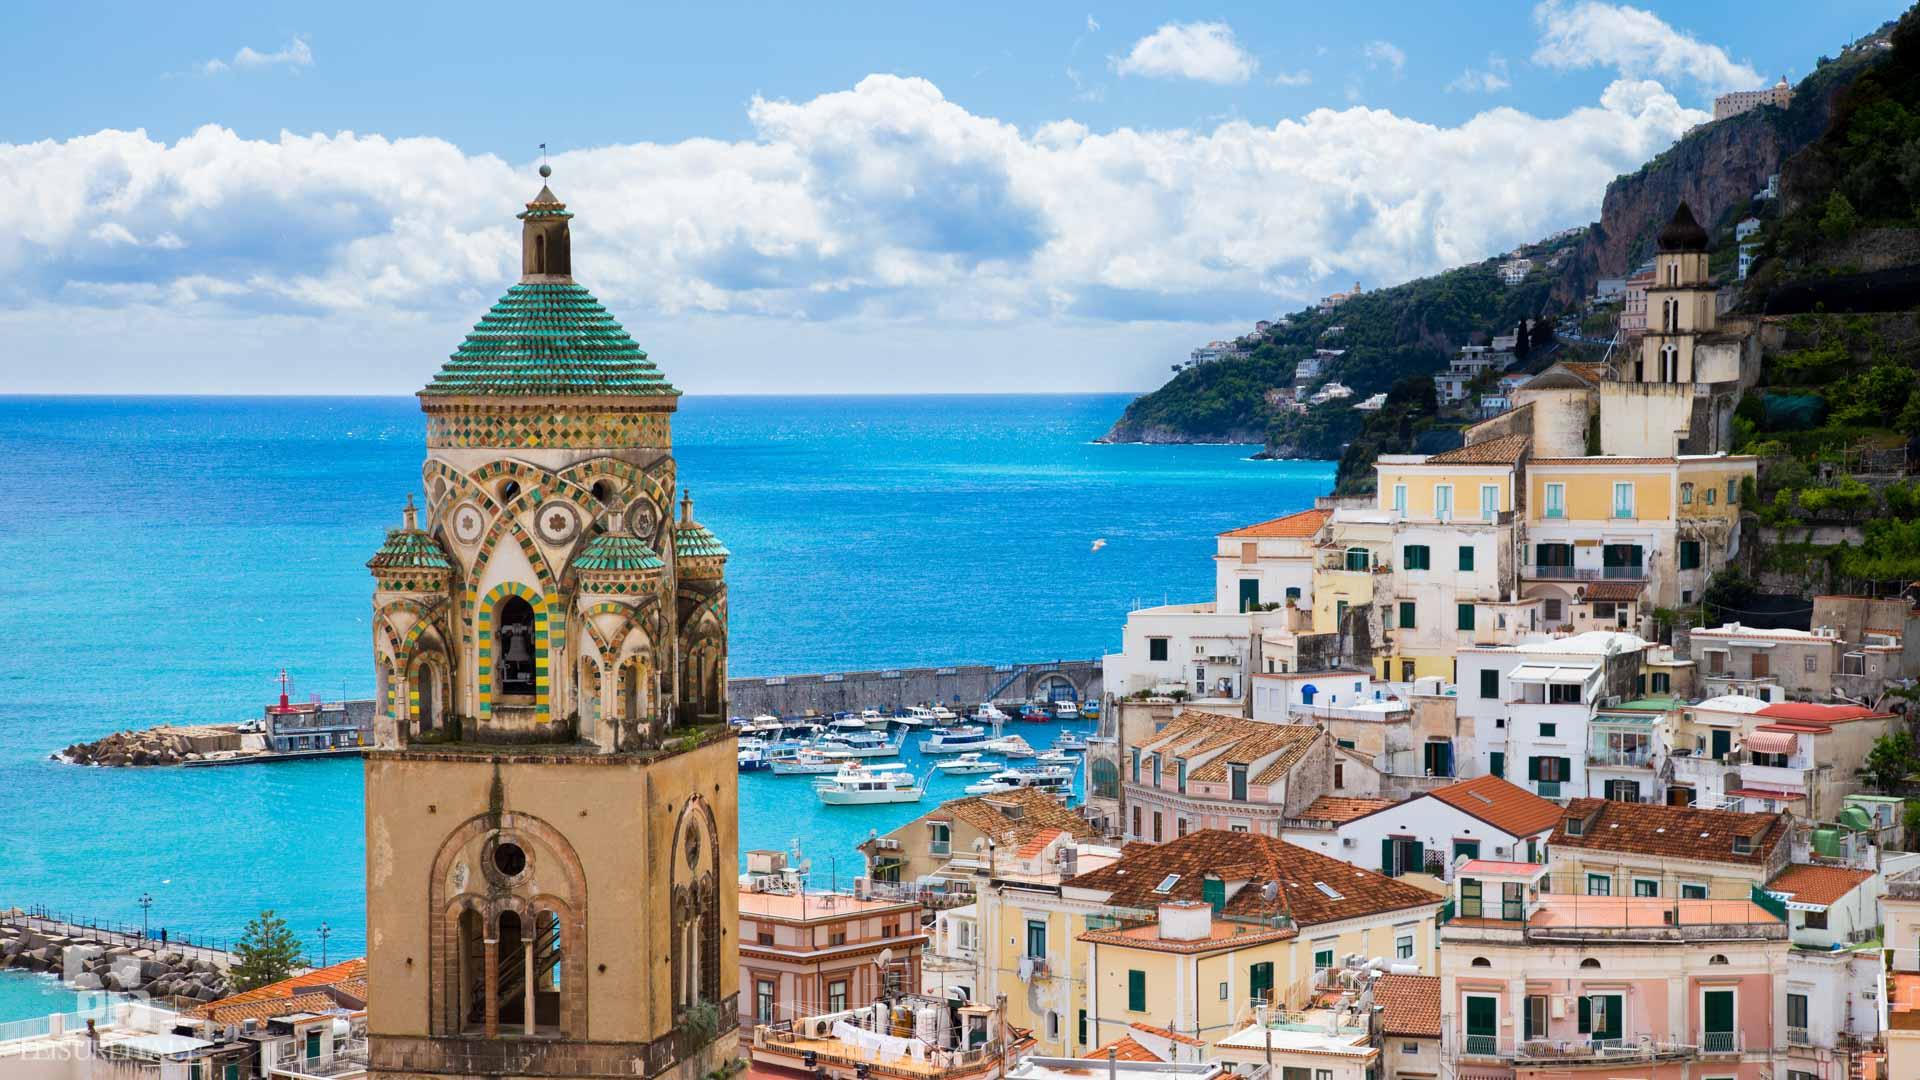 Divine-Amalfi-Coast-Amalfi-4